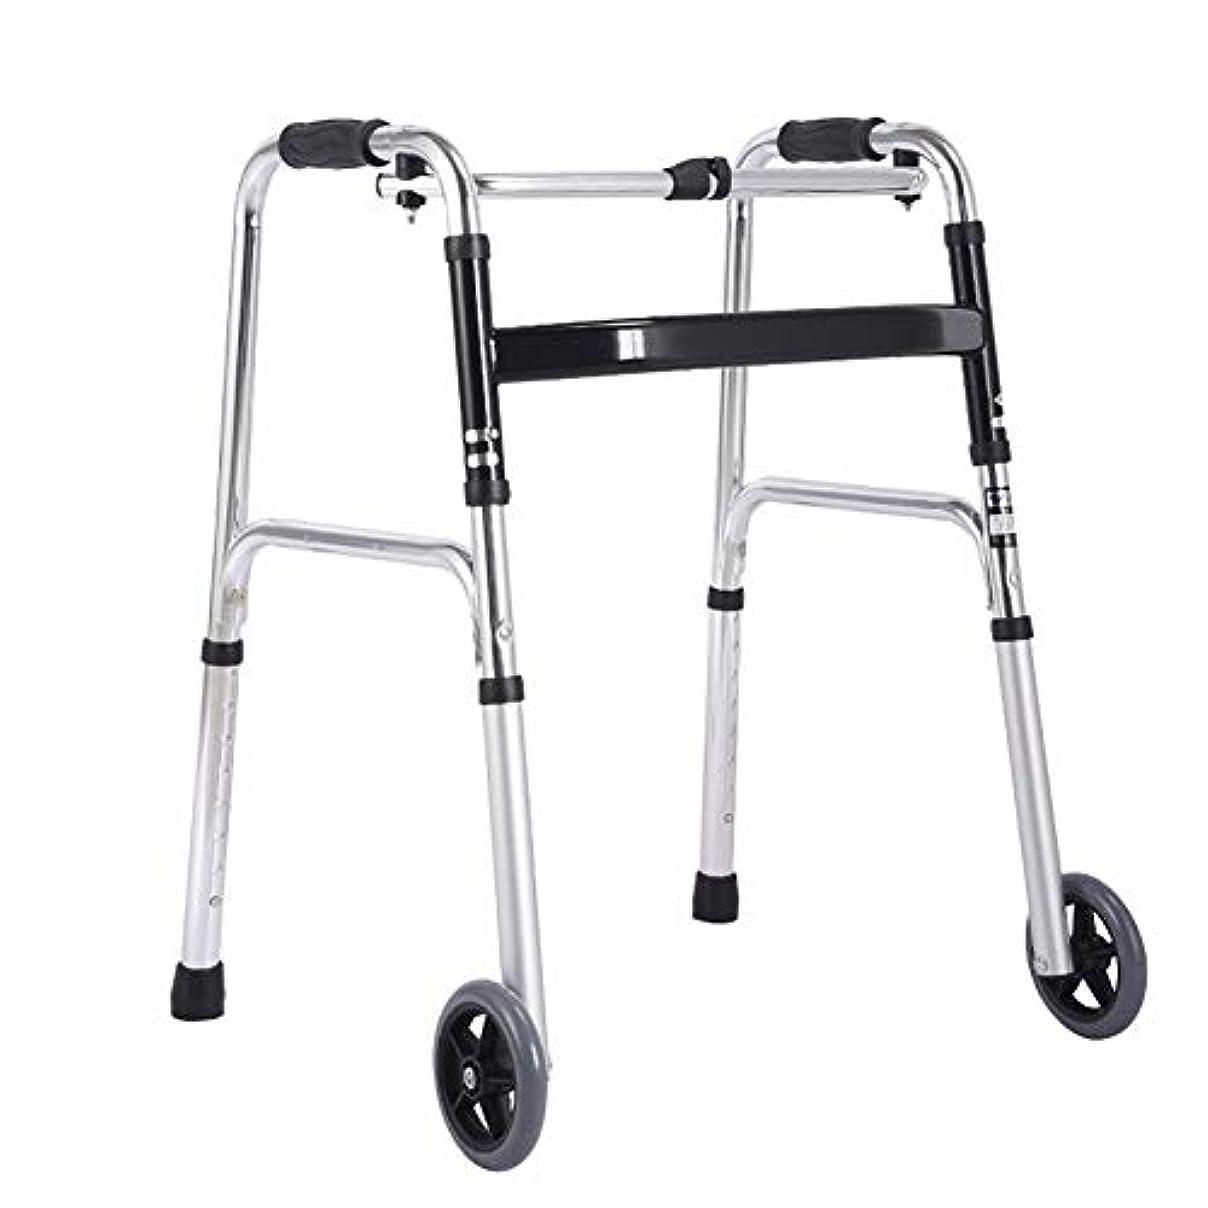 会話名前を作るトレイルBNSDMM 步行器 ウォーカー - 高齢者用ウォーカー高齢者用ウォーカー補助ウォーカーウォーキングスタッフチェアスツールトロリー折りたたみ - サイズ:55 * 48 *(69-89)cm